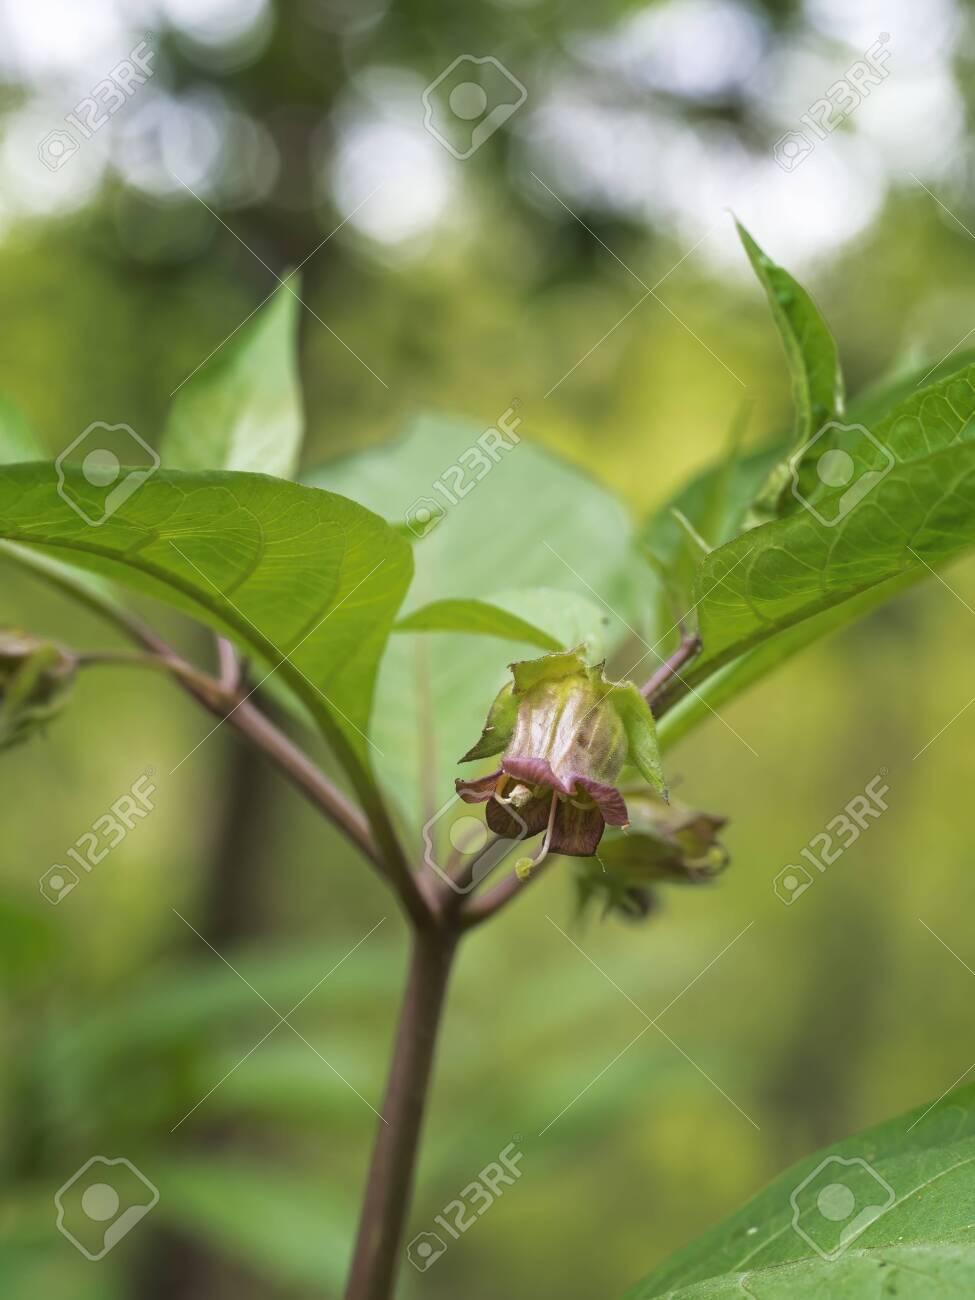 Belladonna Flower Aka Deadly Nightshade Atropa Belladonna Toxic